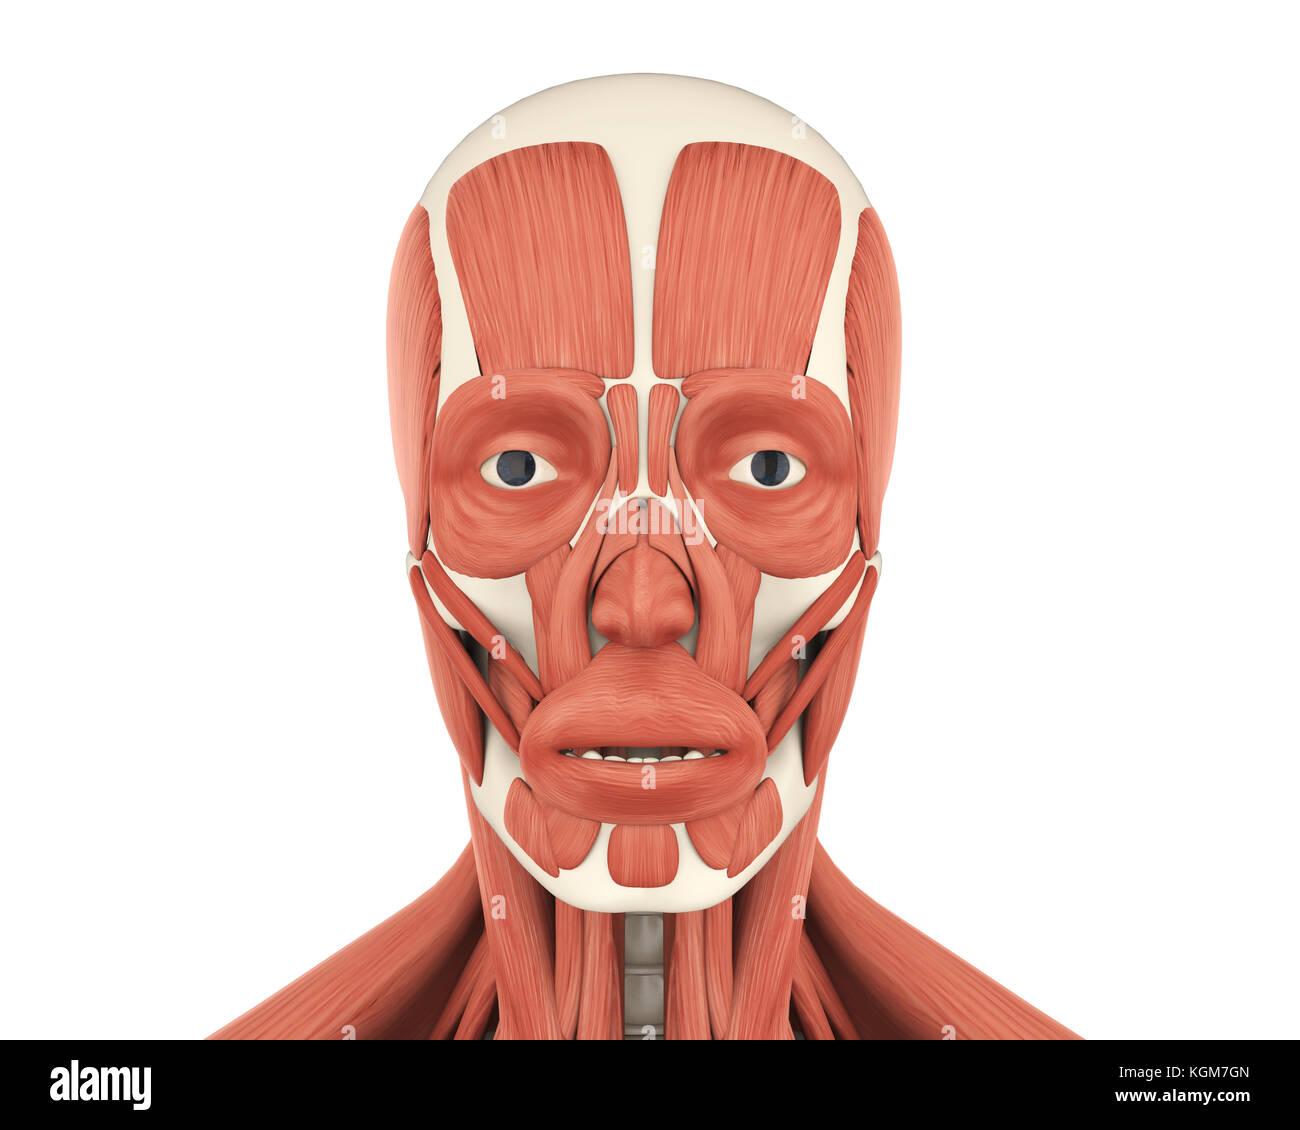 Les droits de l'anatomie des muscles du visage Photo Stock